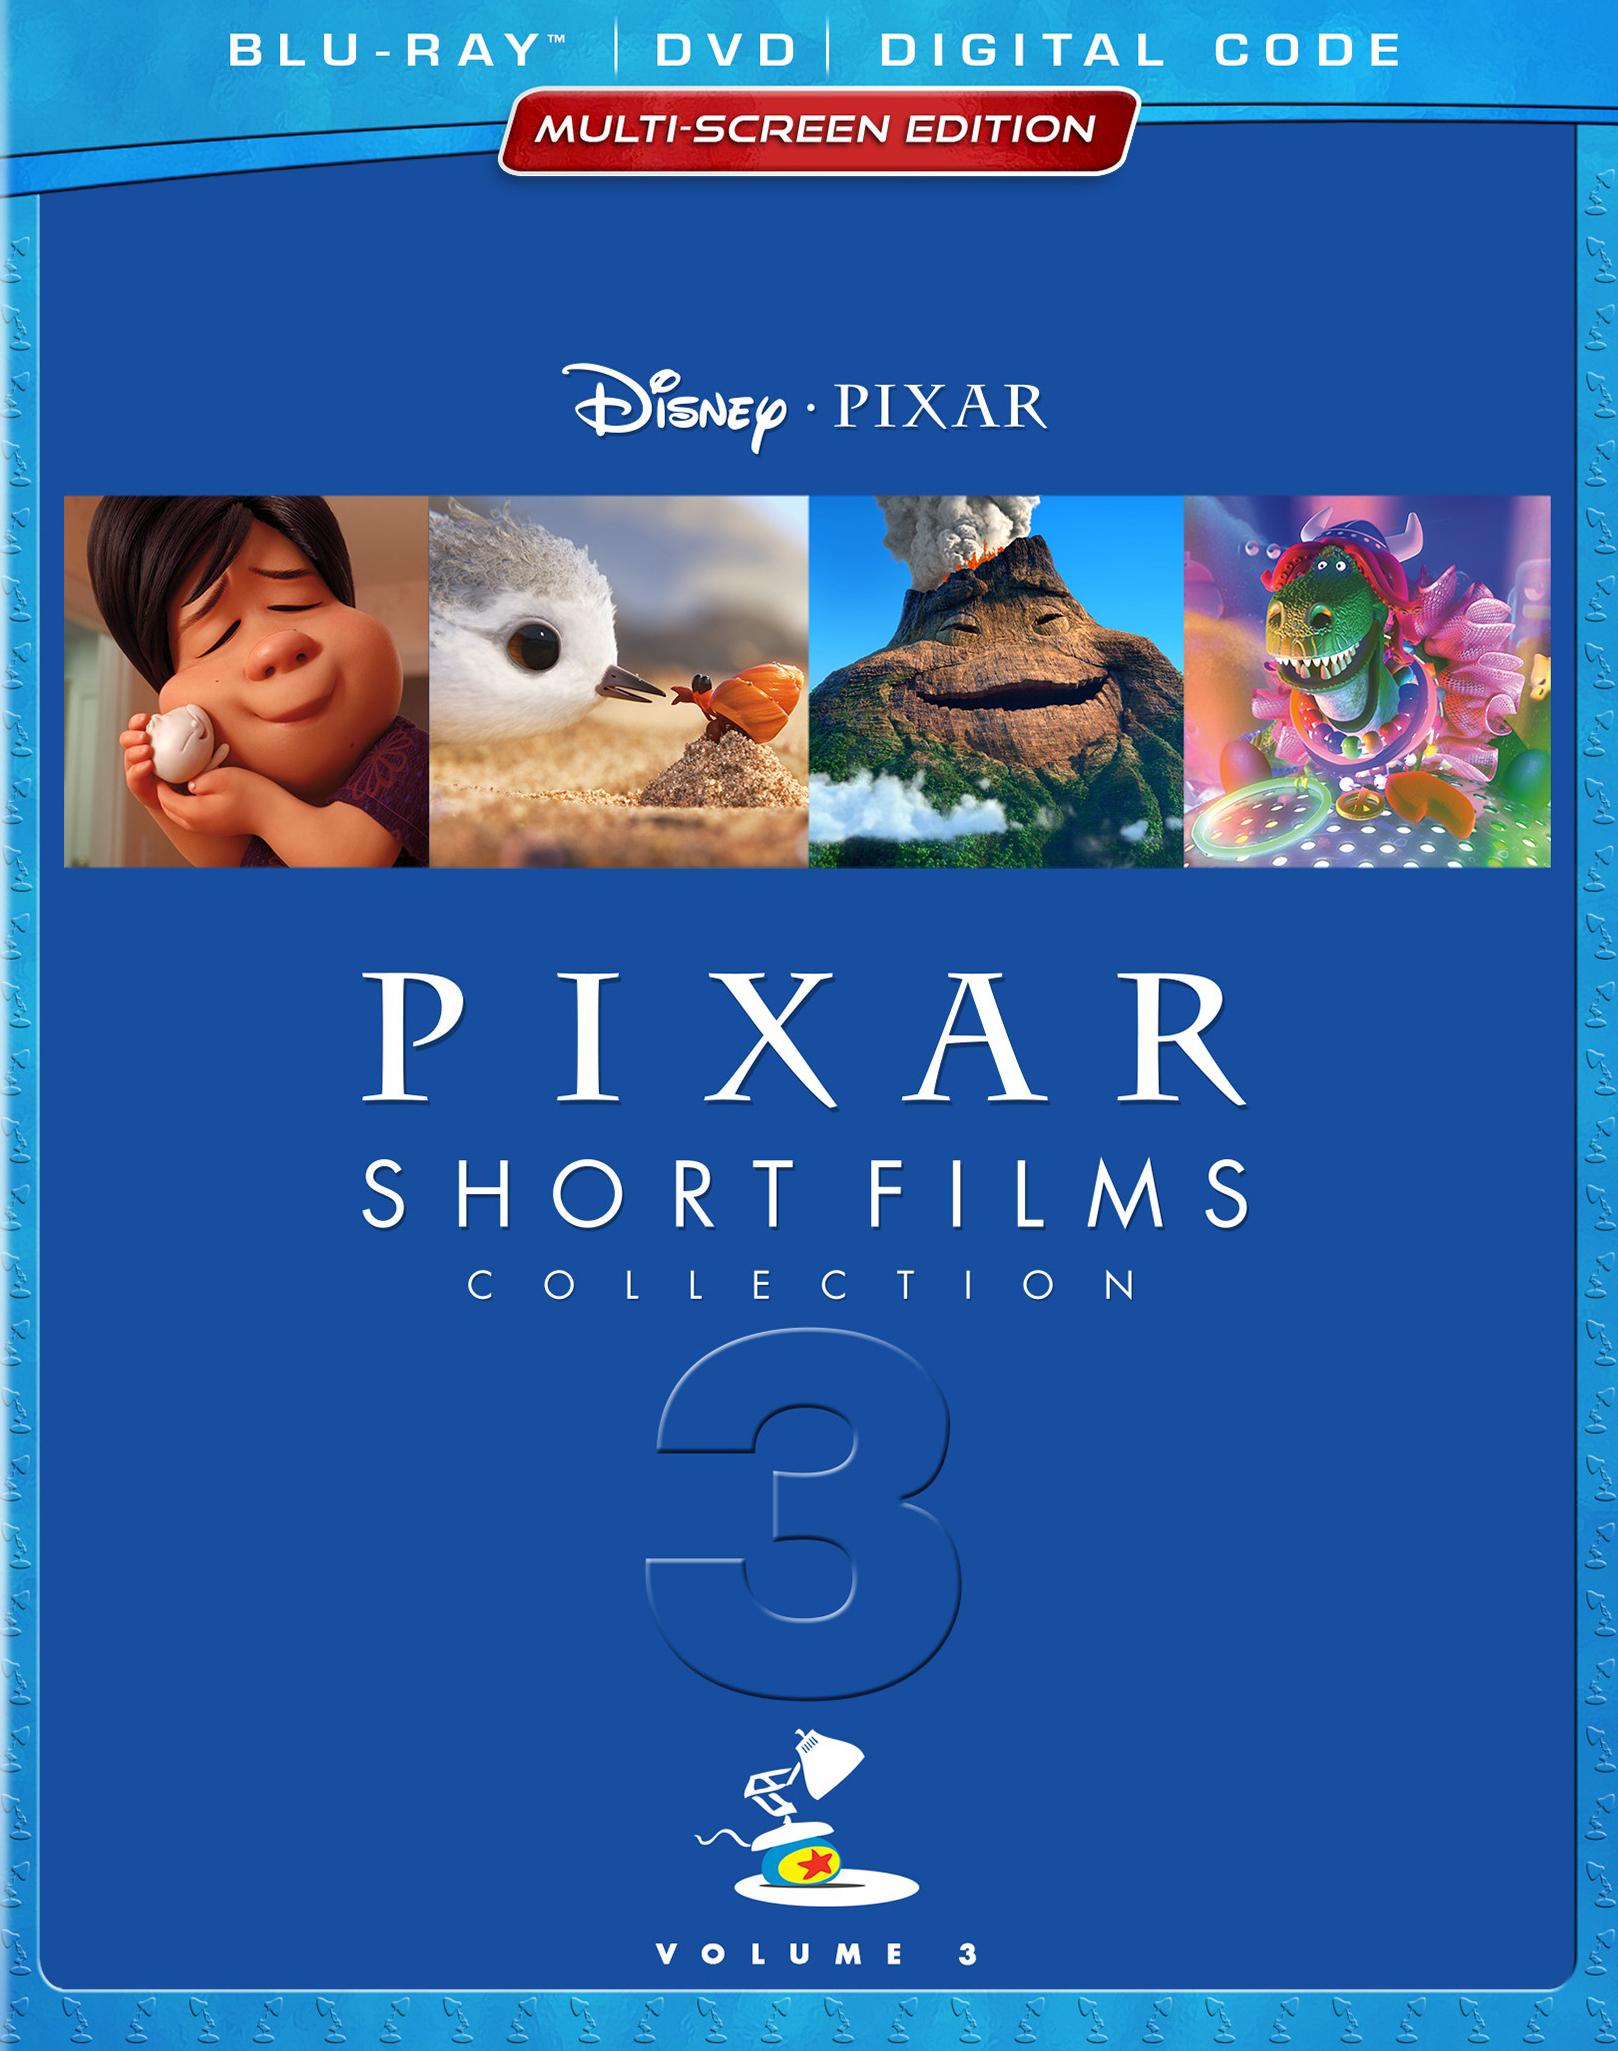 Pixar Short Films Collection Volume 3 (2018 DVD)